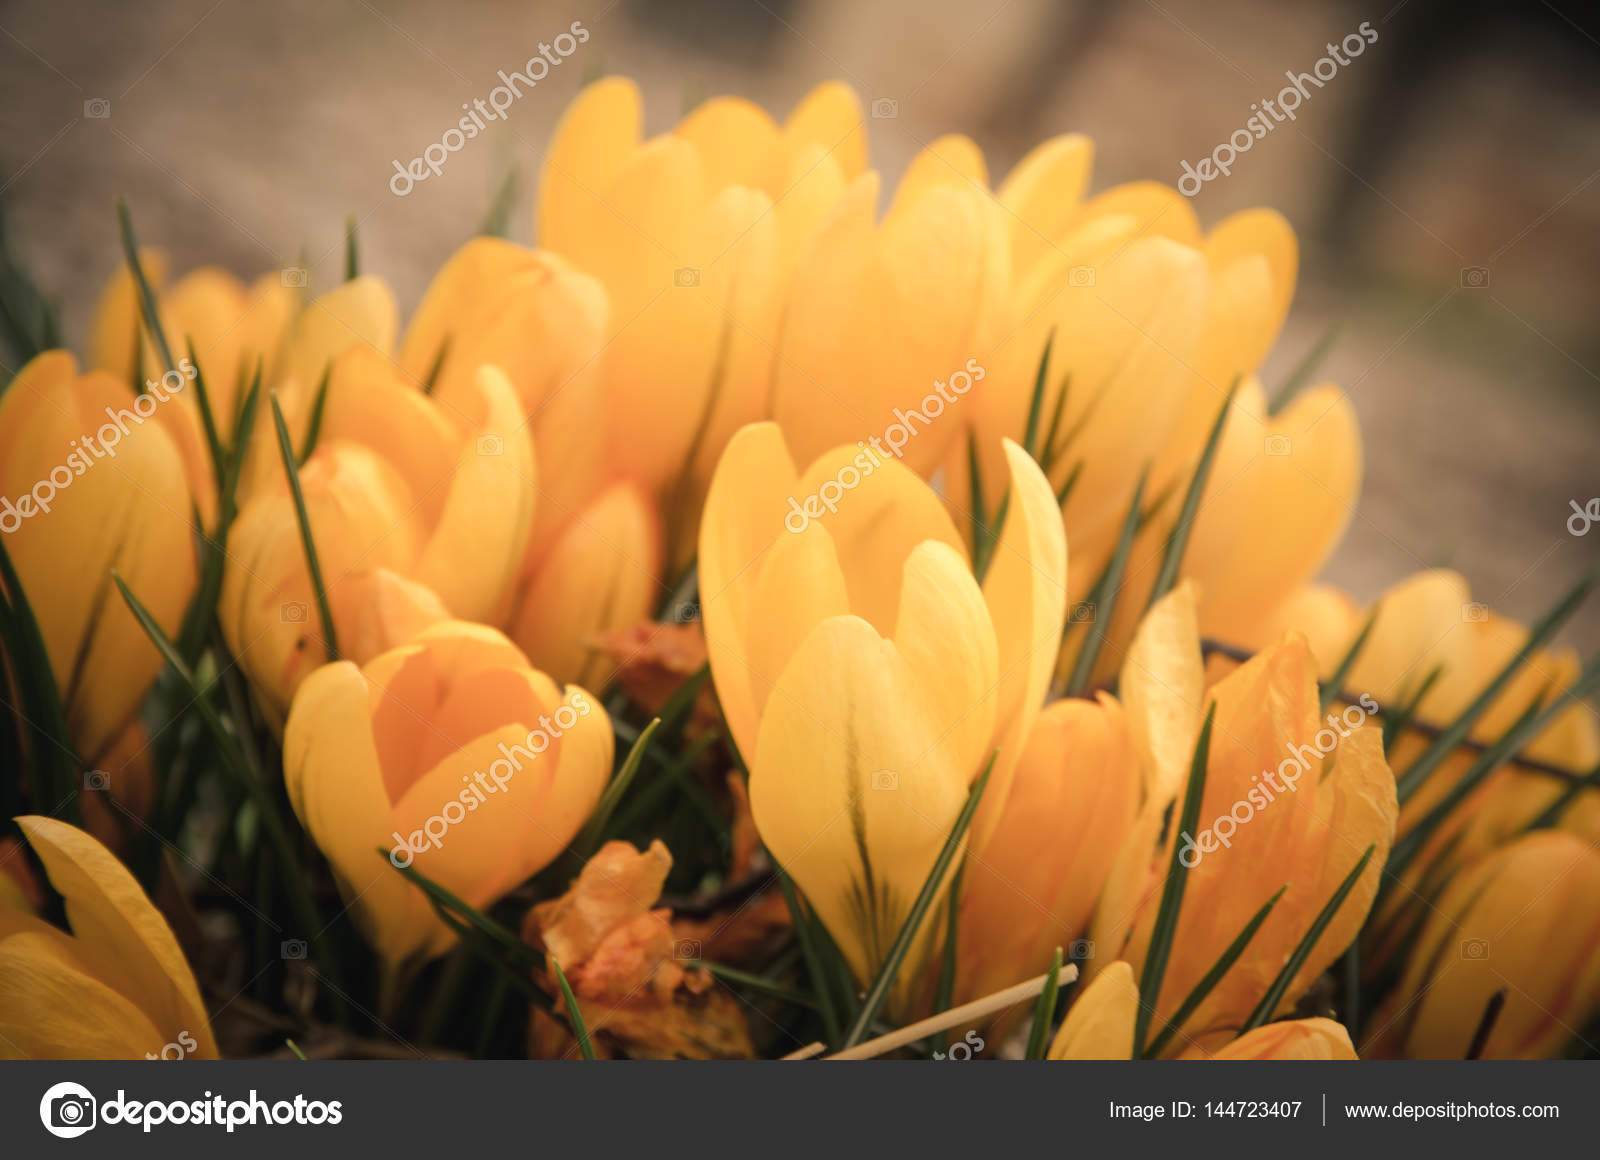 Yellow Crocus Flower Stock Photo Katarinagondova 144723407